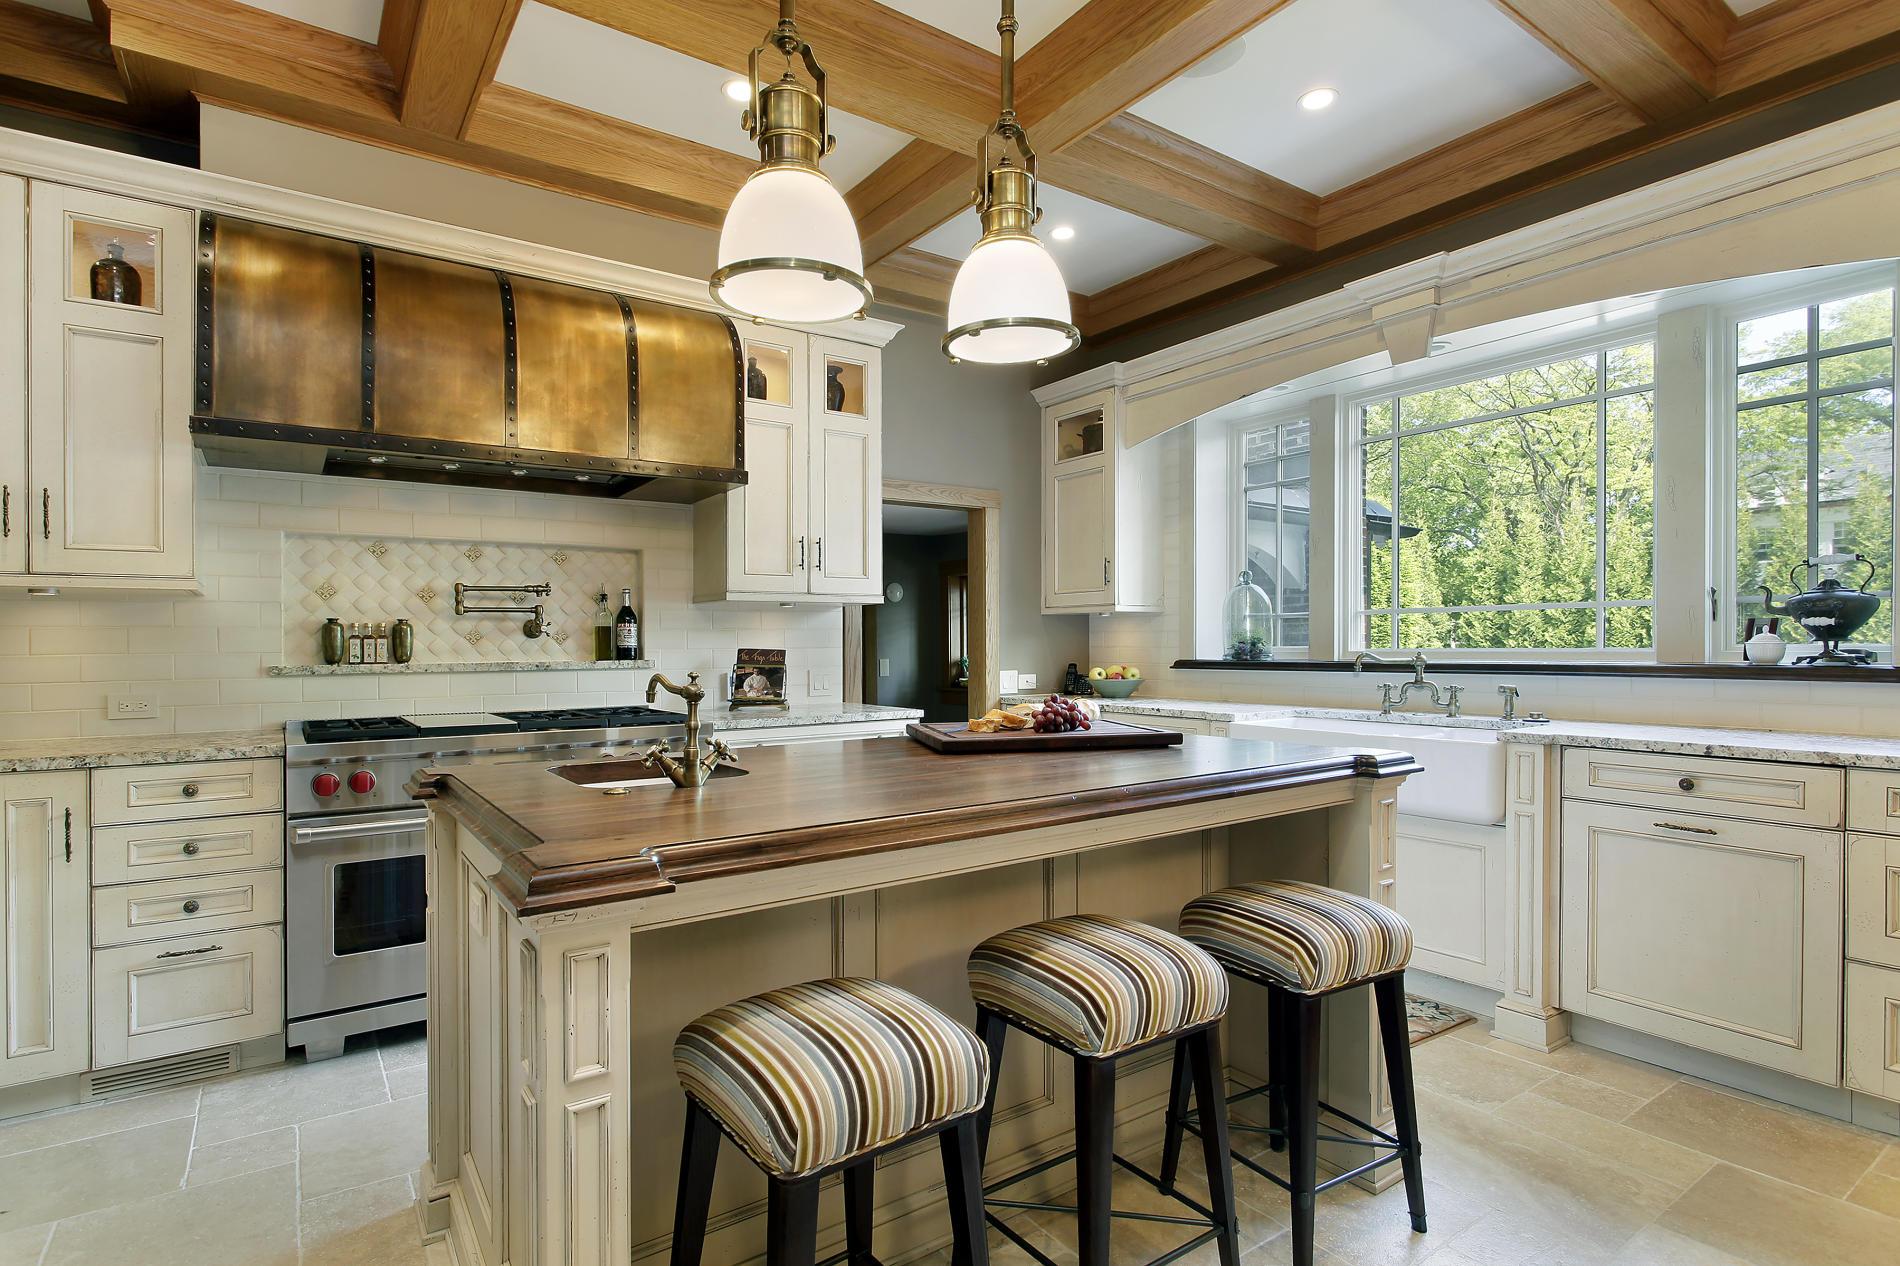 дизайн кухни в частном доме.jpg